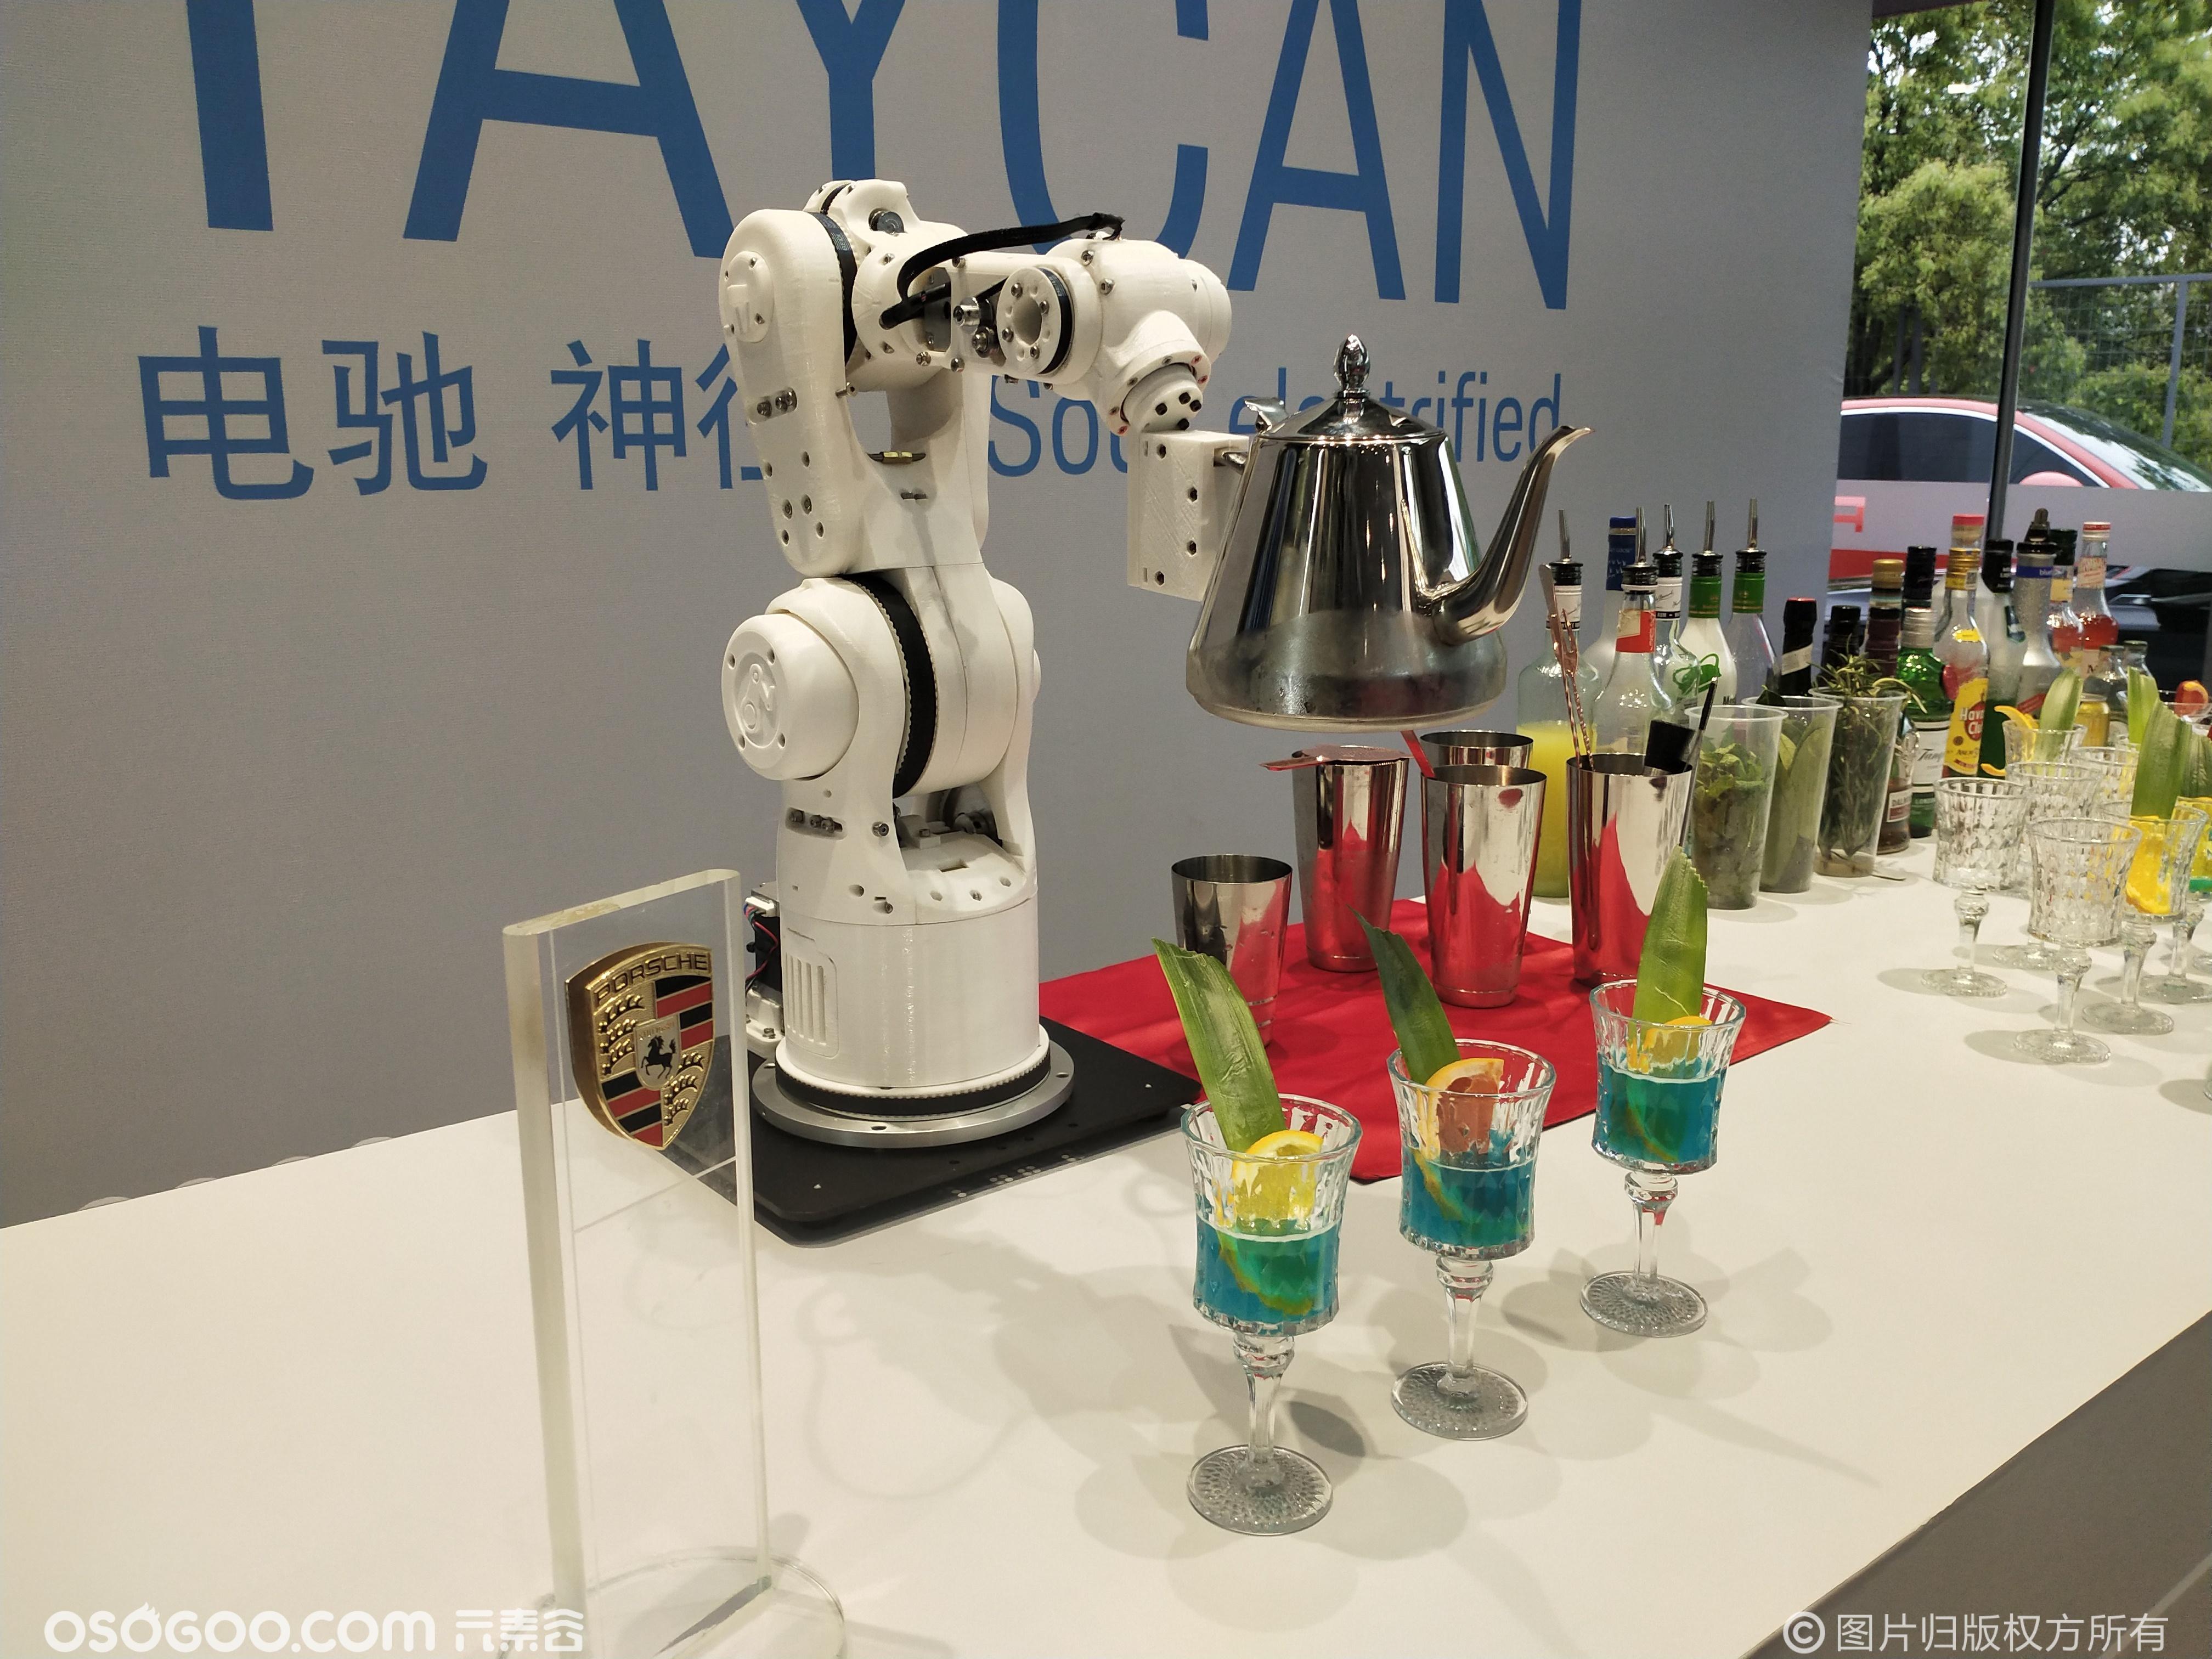 调酒机械臂 调咖啡机械臂 倒酒倒咖啡机械臂